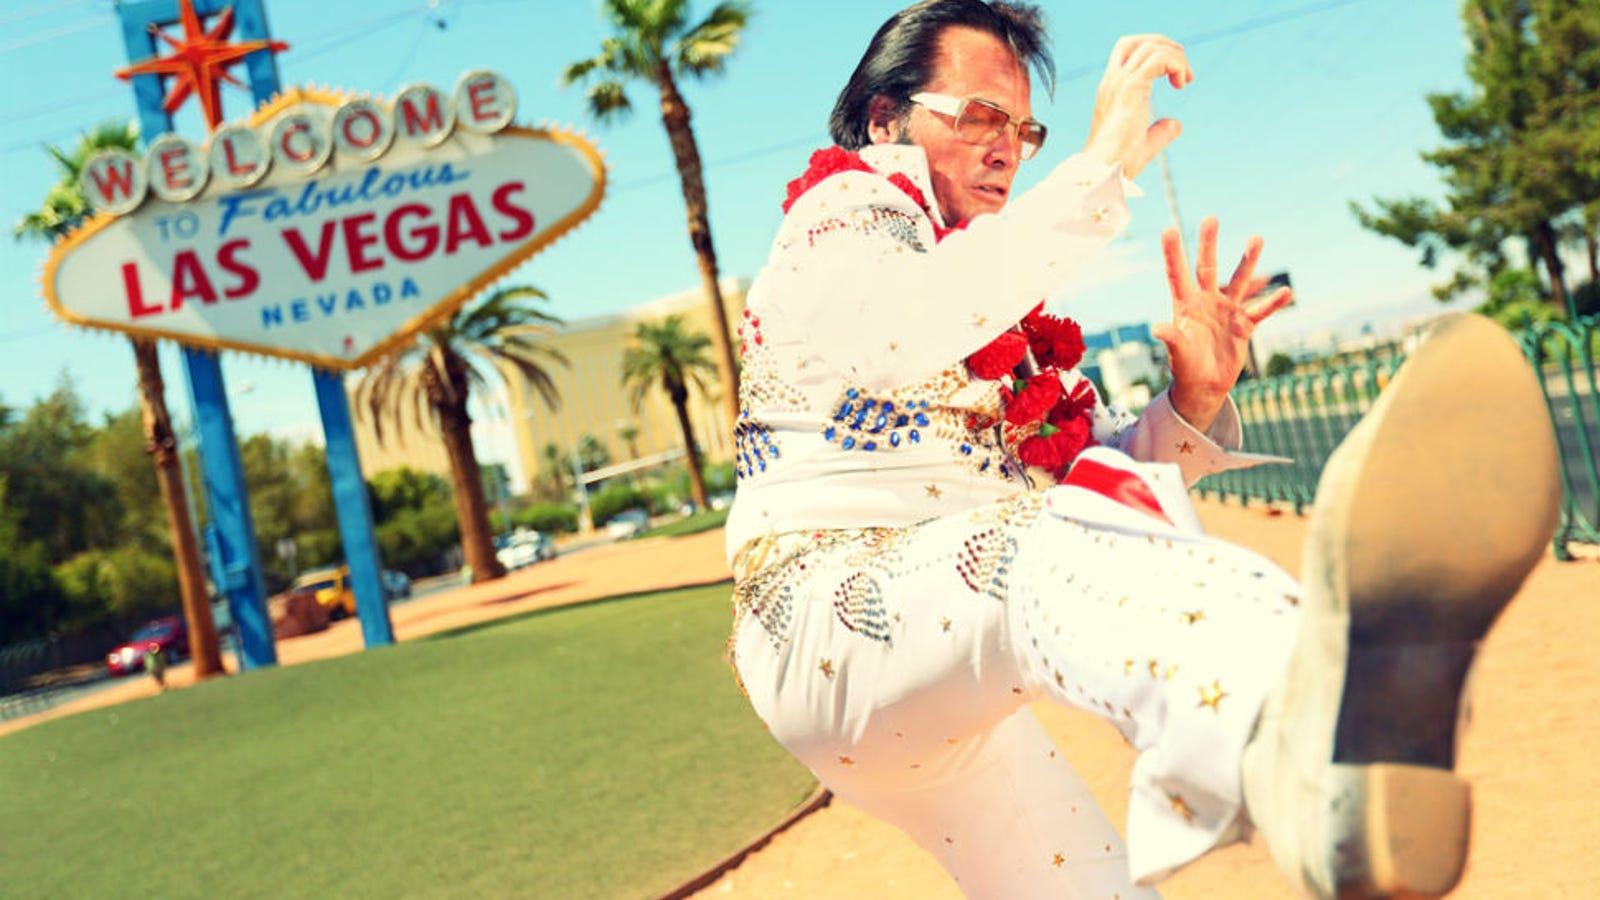 Gay Wedding Packages Las Vegas Elvis Wedding Chapels In Las Vegas Won39t Let Same Sex